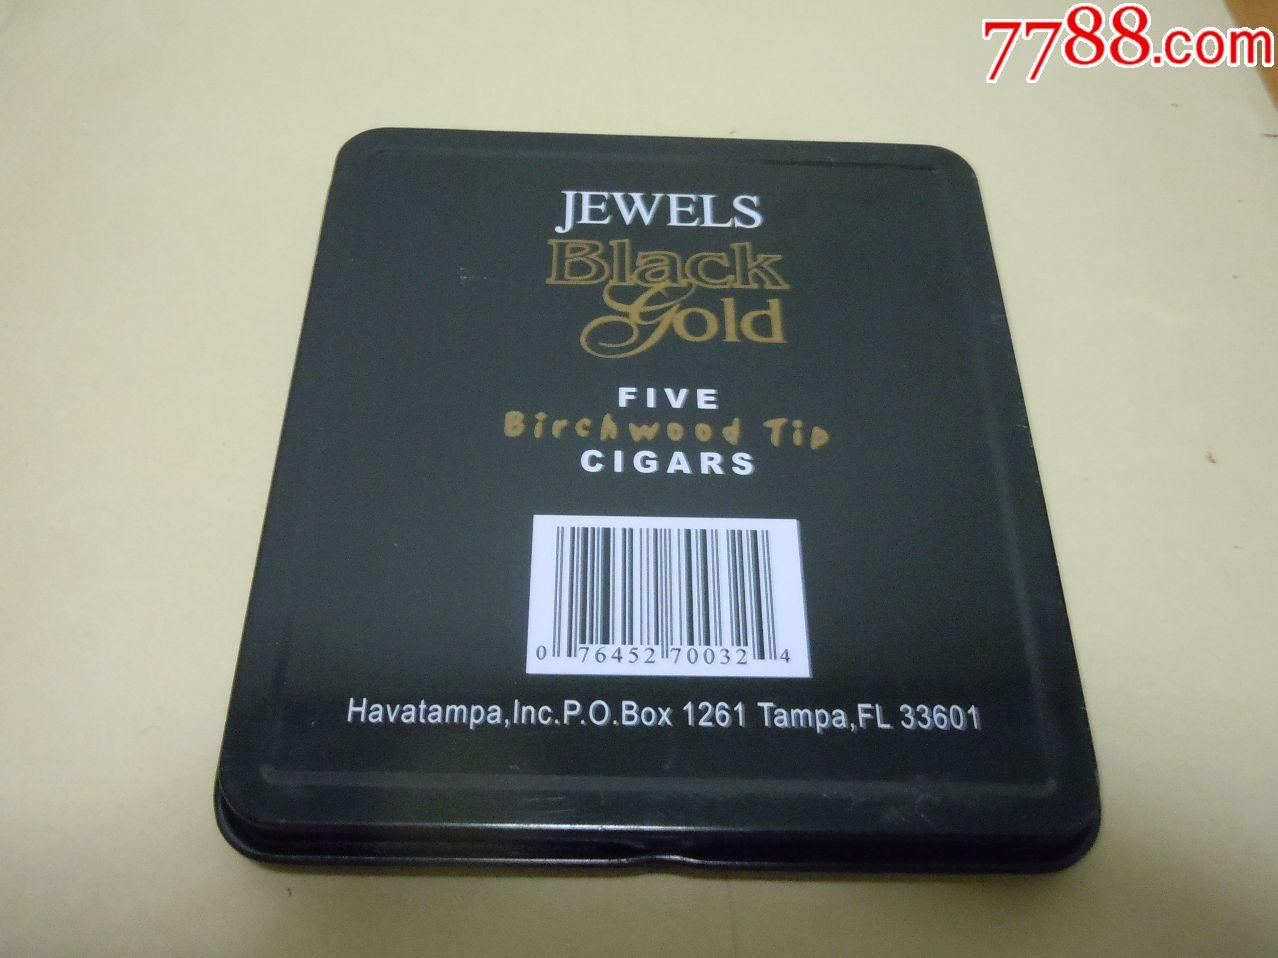 jewels雪茄价格_jewels(5支装雪茄烟铁盒)_价格2.